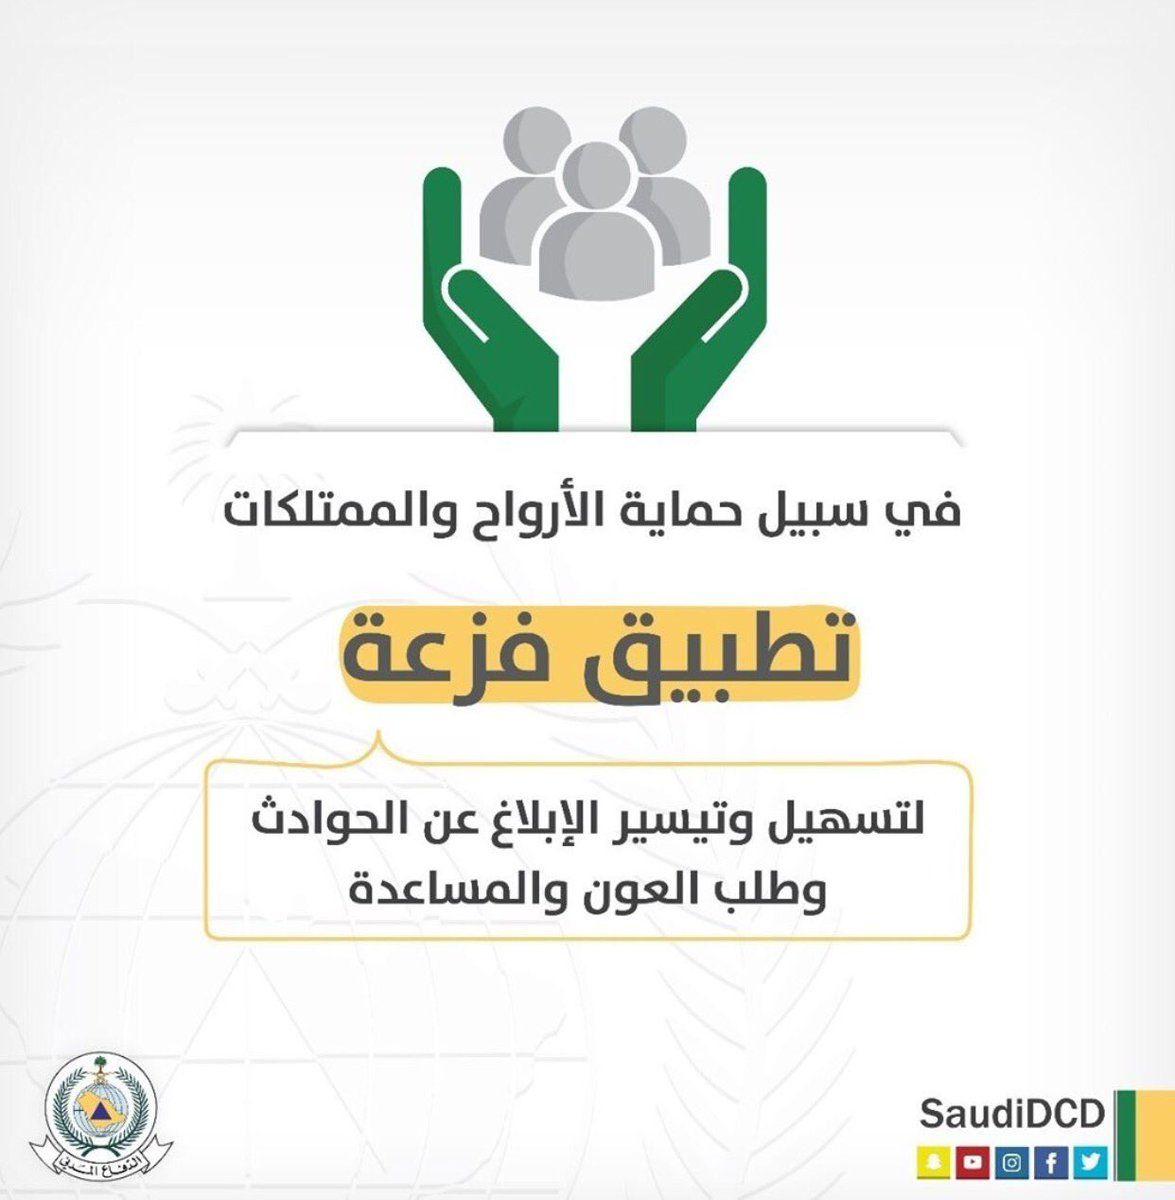 تطبيق فزعة هو خدمة لطلب العون والمساعدة من الدفاع المدني وللإبلاغ عن أي حادث